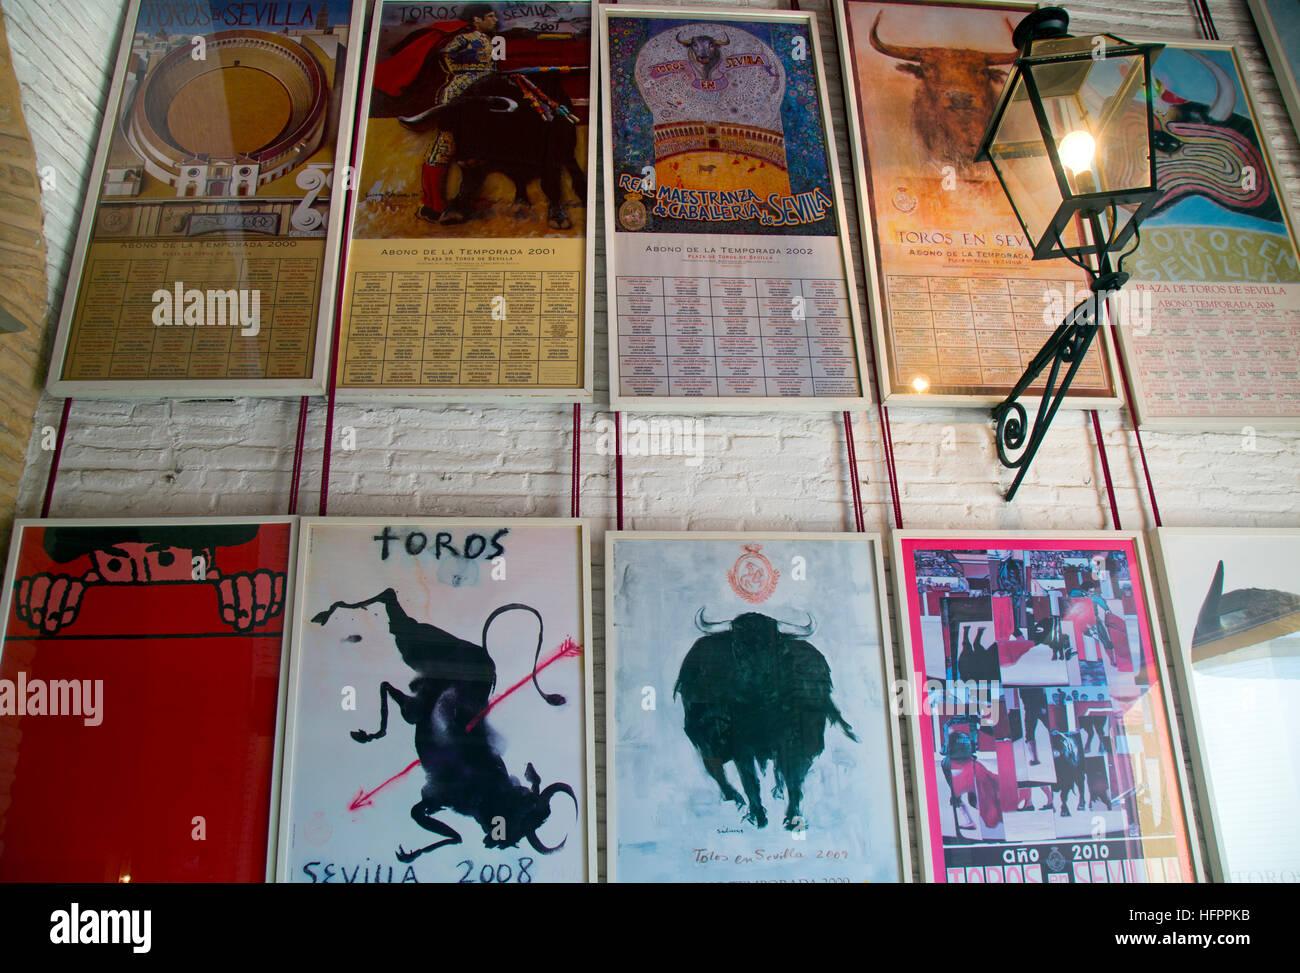 Seville season posters at Seville Bullring.Plaza de toros de la Real Maestranza de Caballería de Sevill - Stock Image